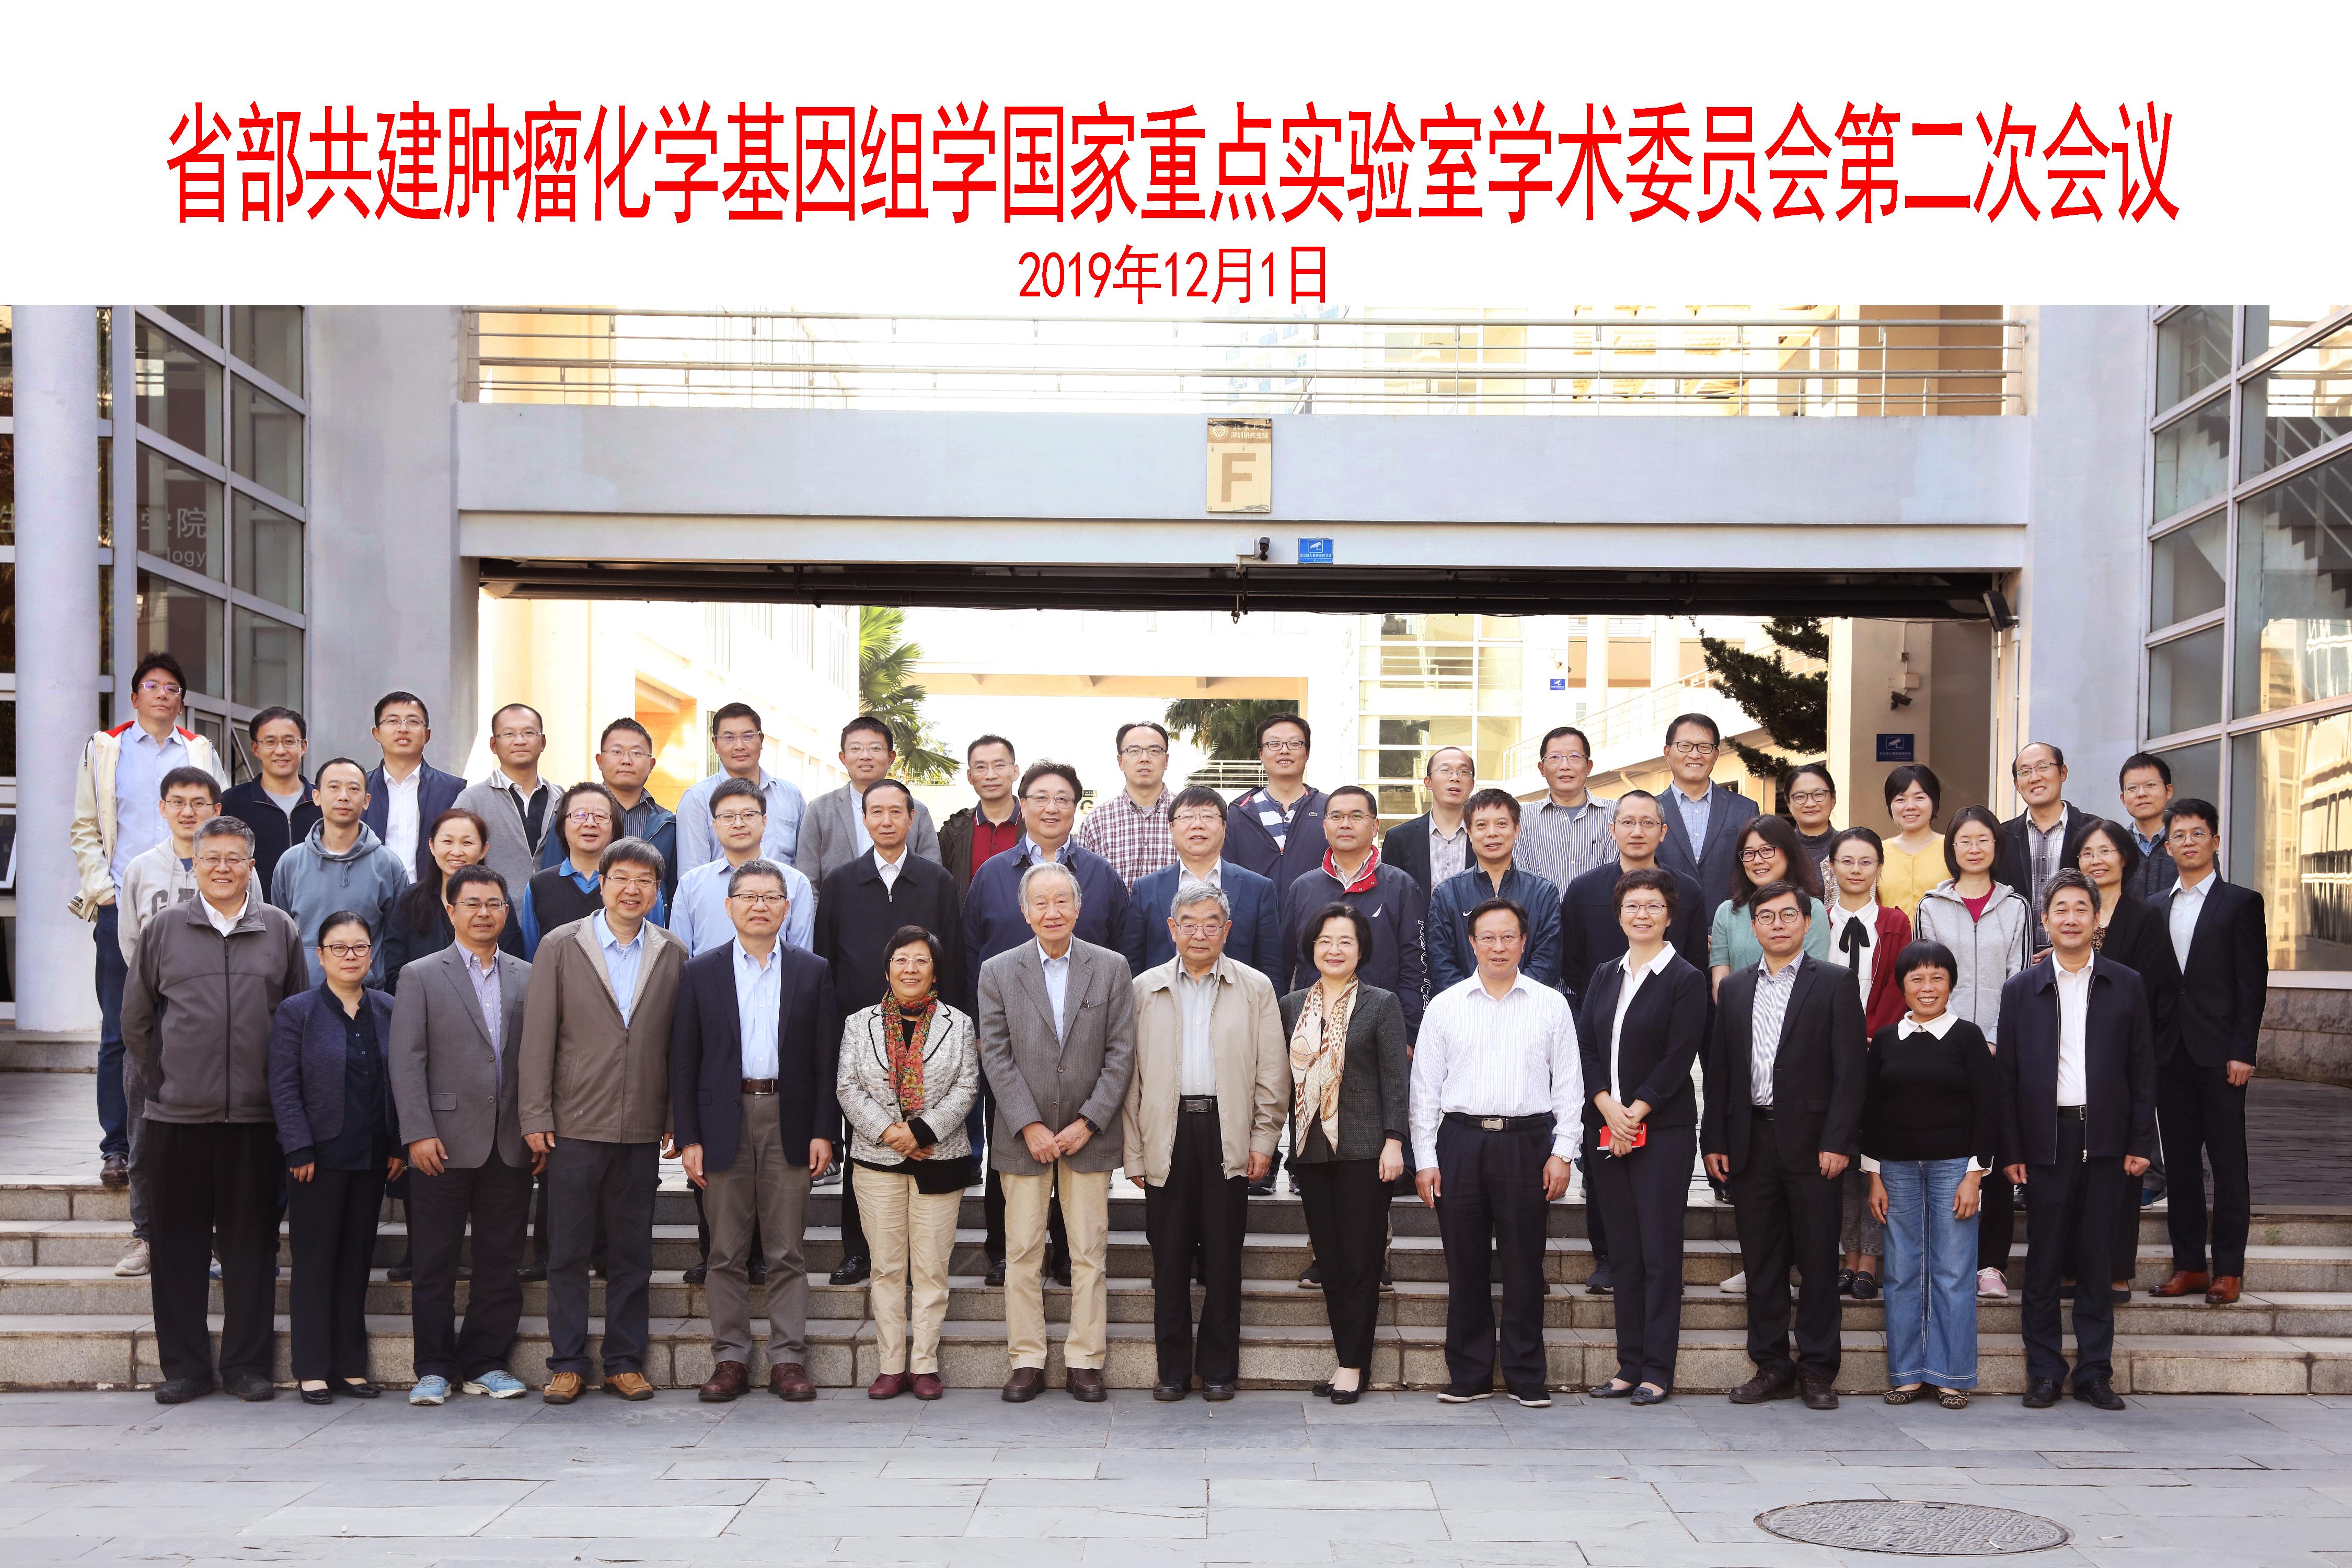 省部共建肿瘤化学基因组学国家重点实验室 第一届学术委员会第二次会议在深圳召开